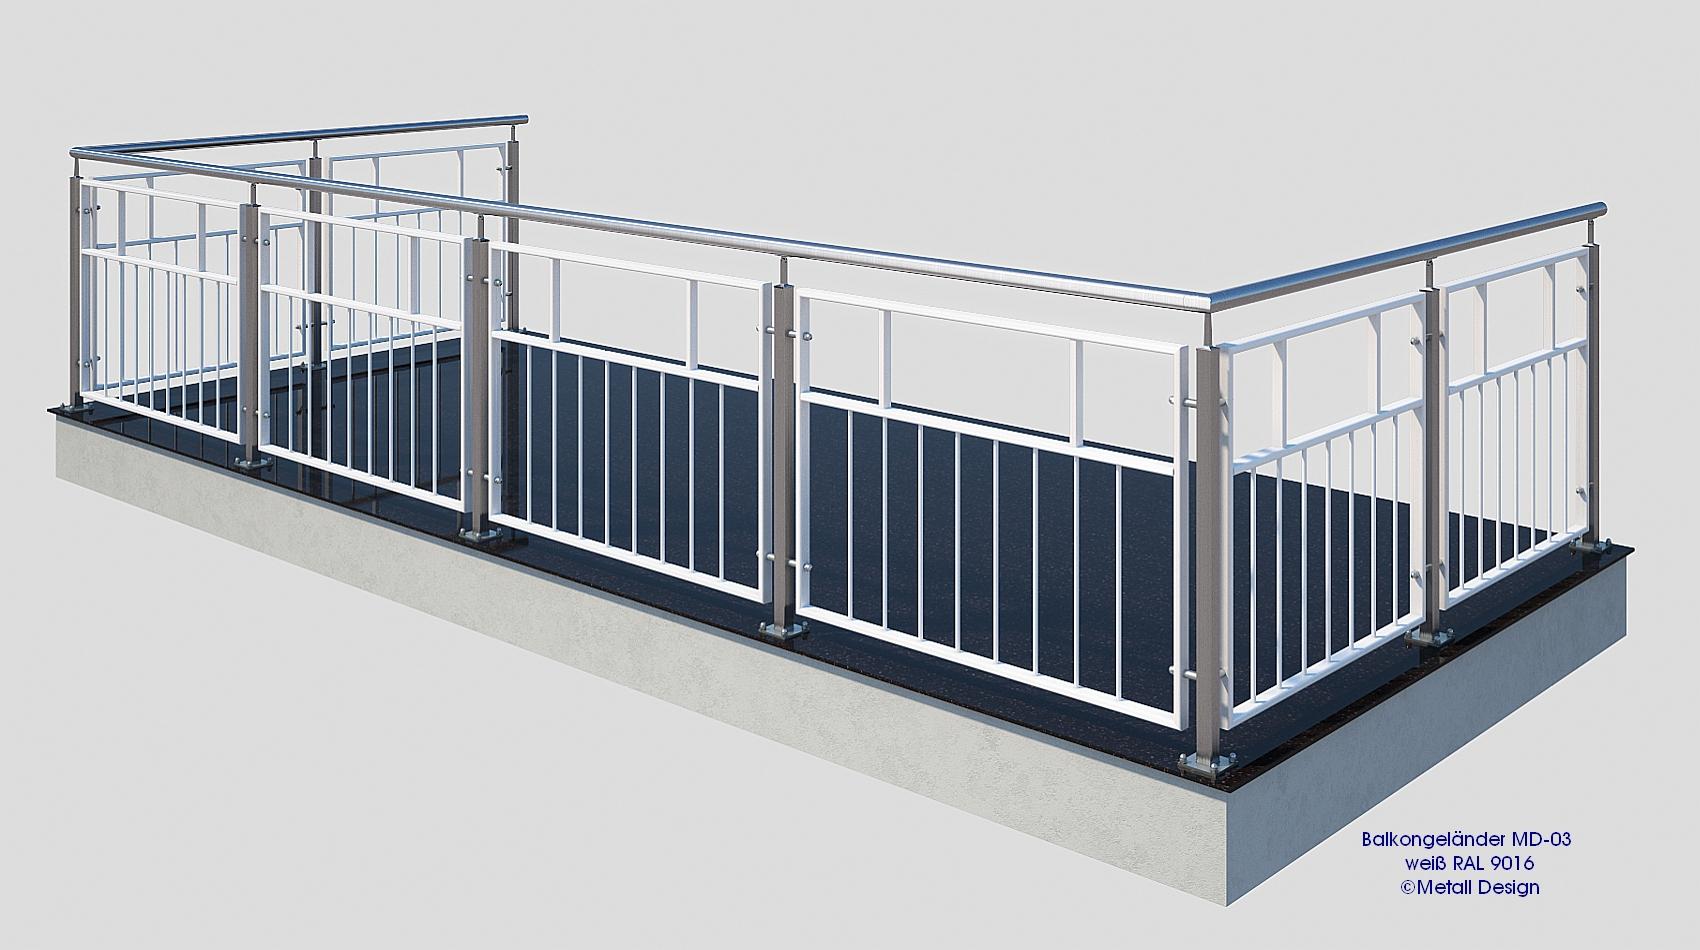 franzosischer balkon md 03p pulverbeschichtet weiss With französischer balkon mit sitzbank weiß garten